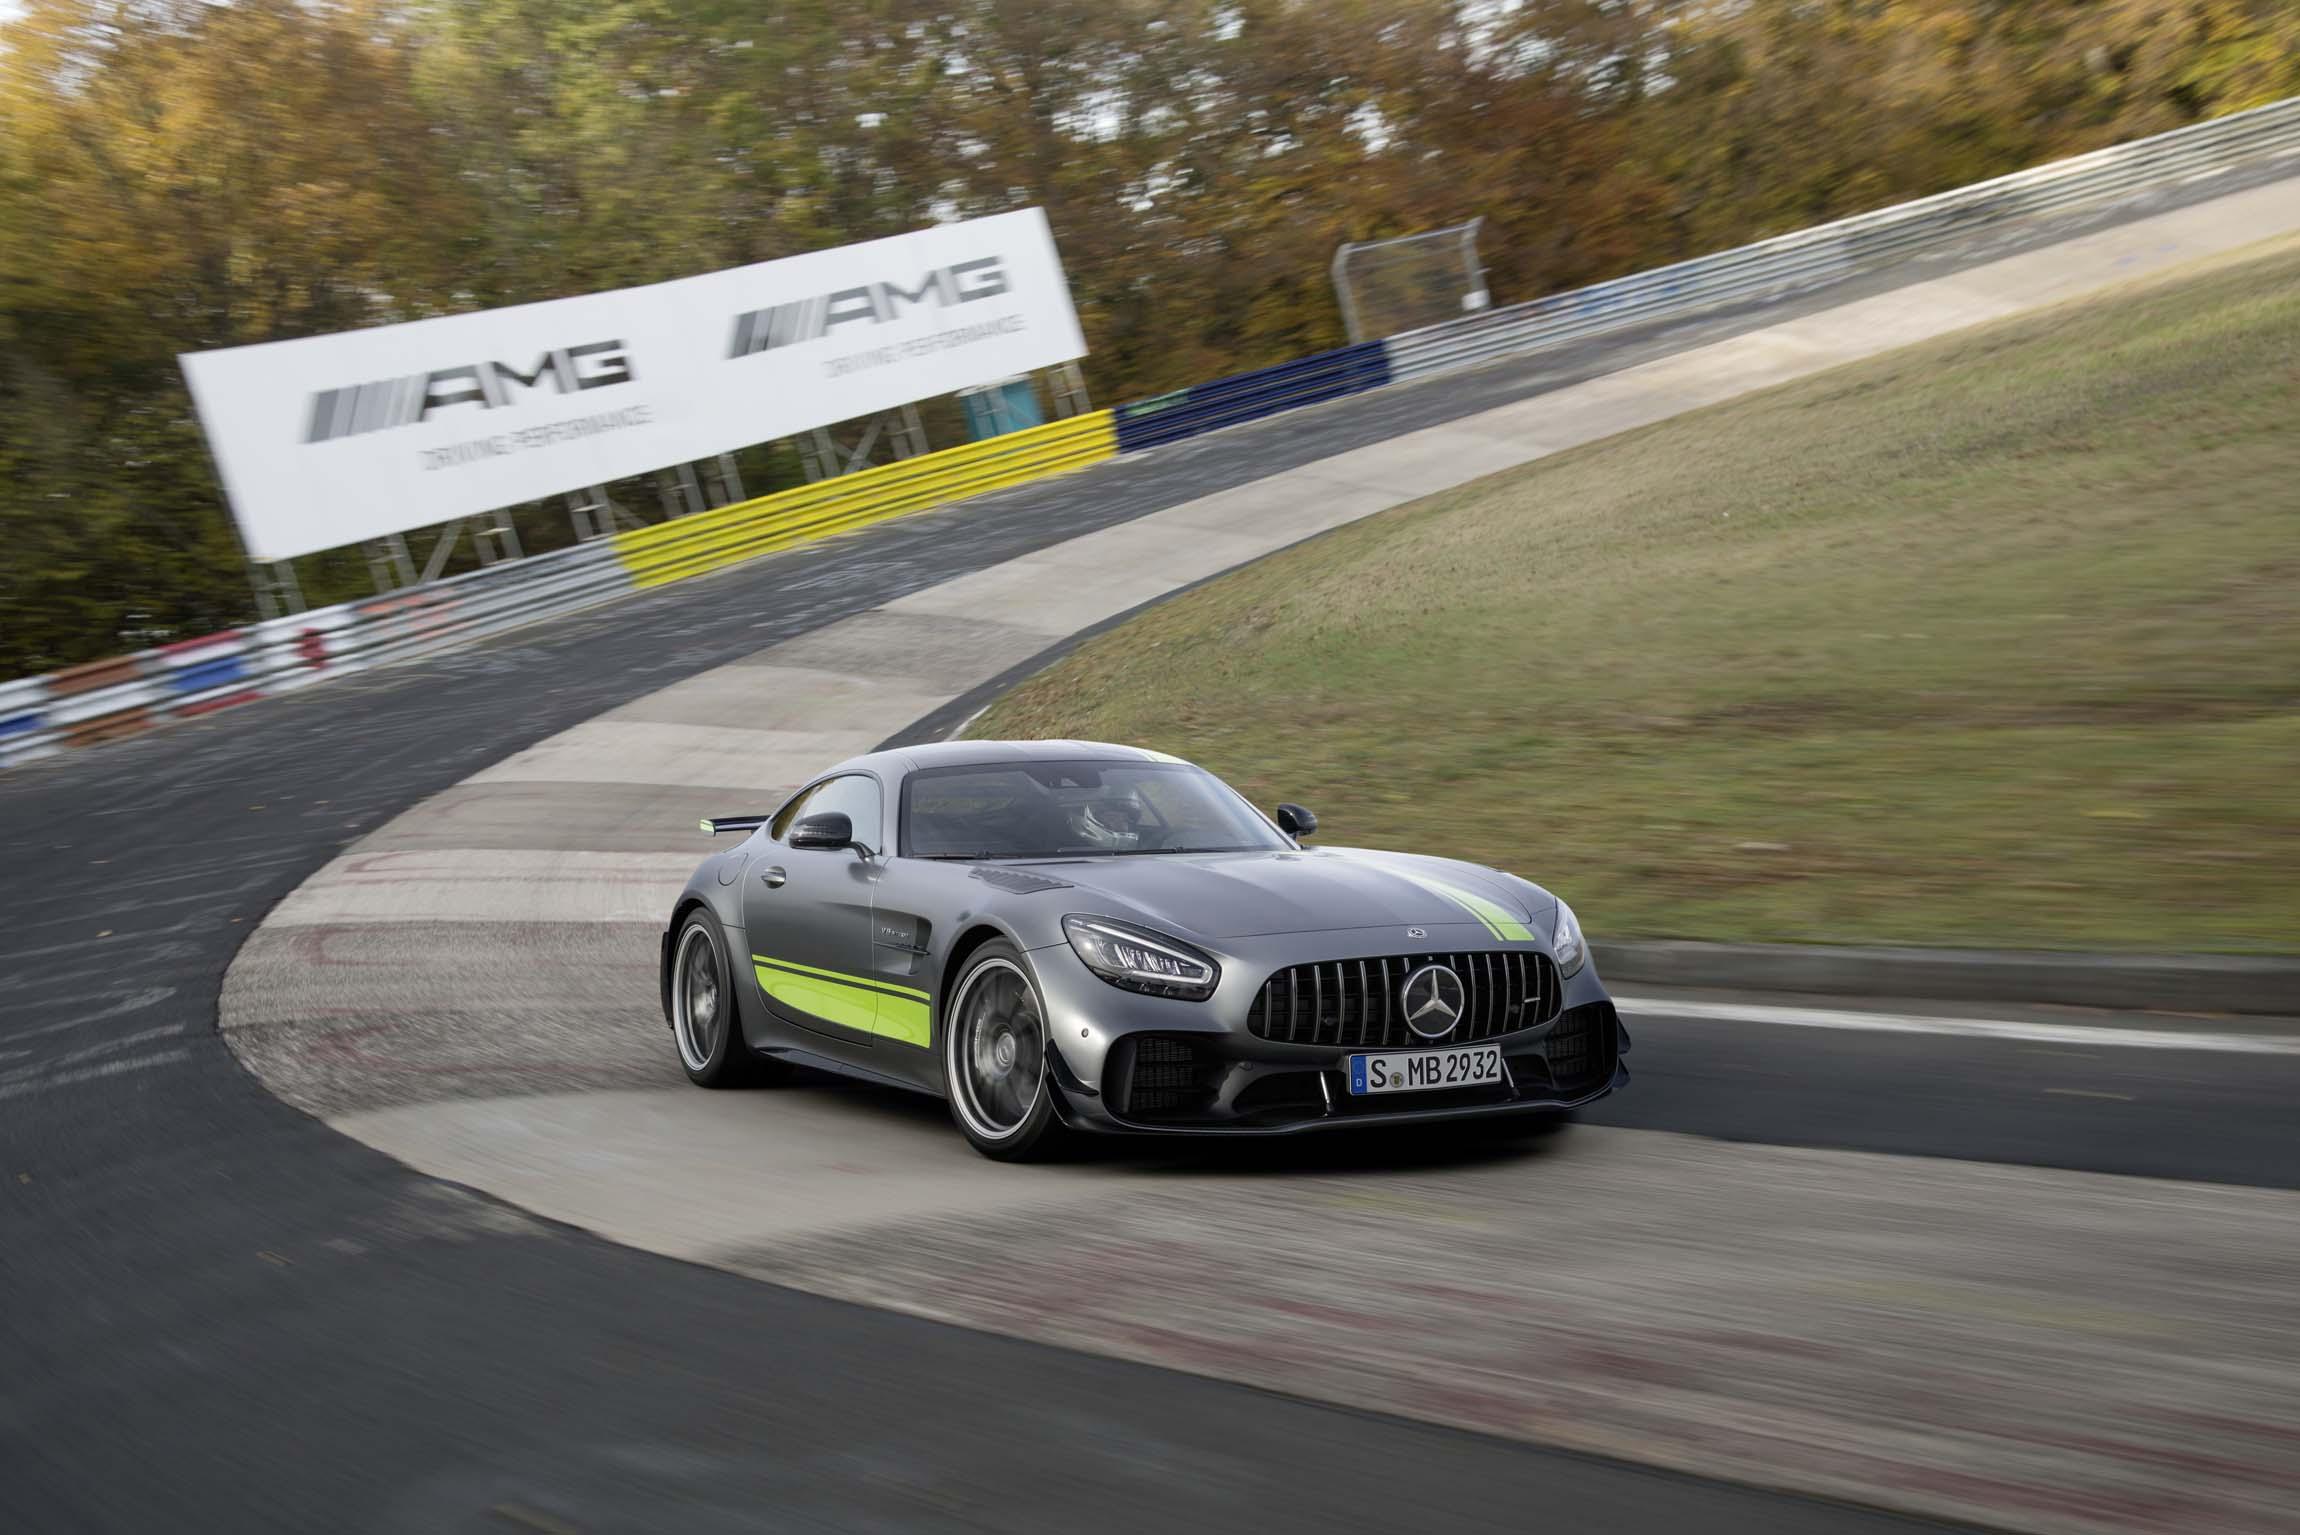 b43a34845b594 AMG s new GT R Pro runs a 7 04.63 Nürburgring hot lap